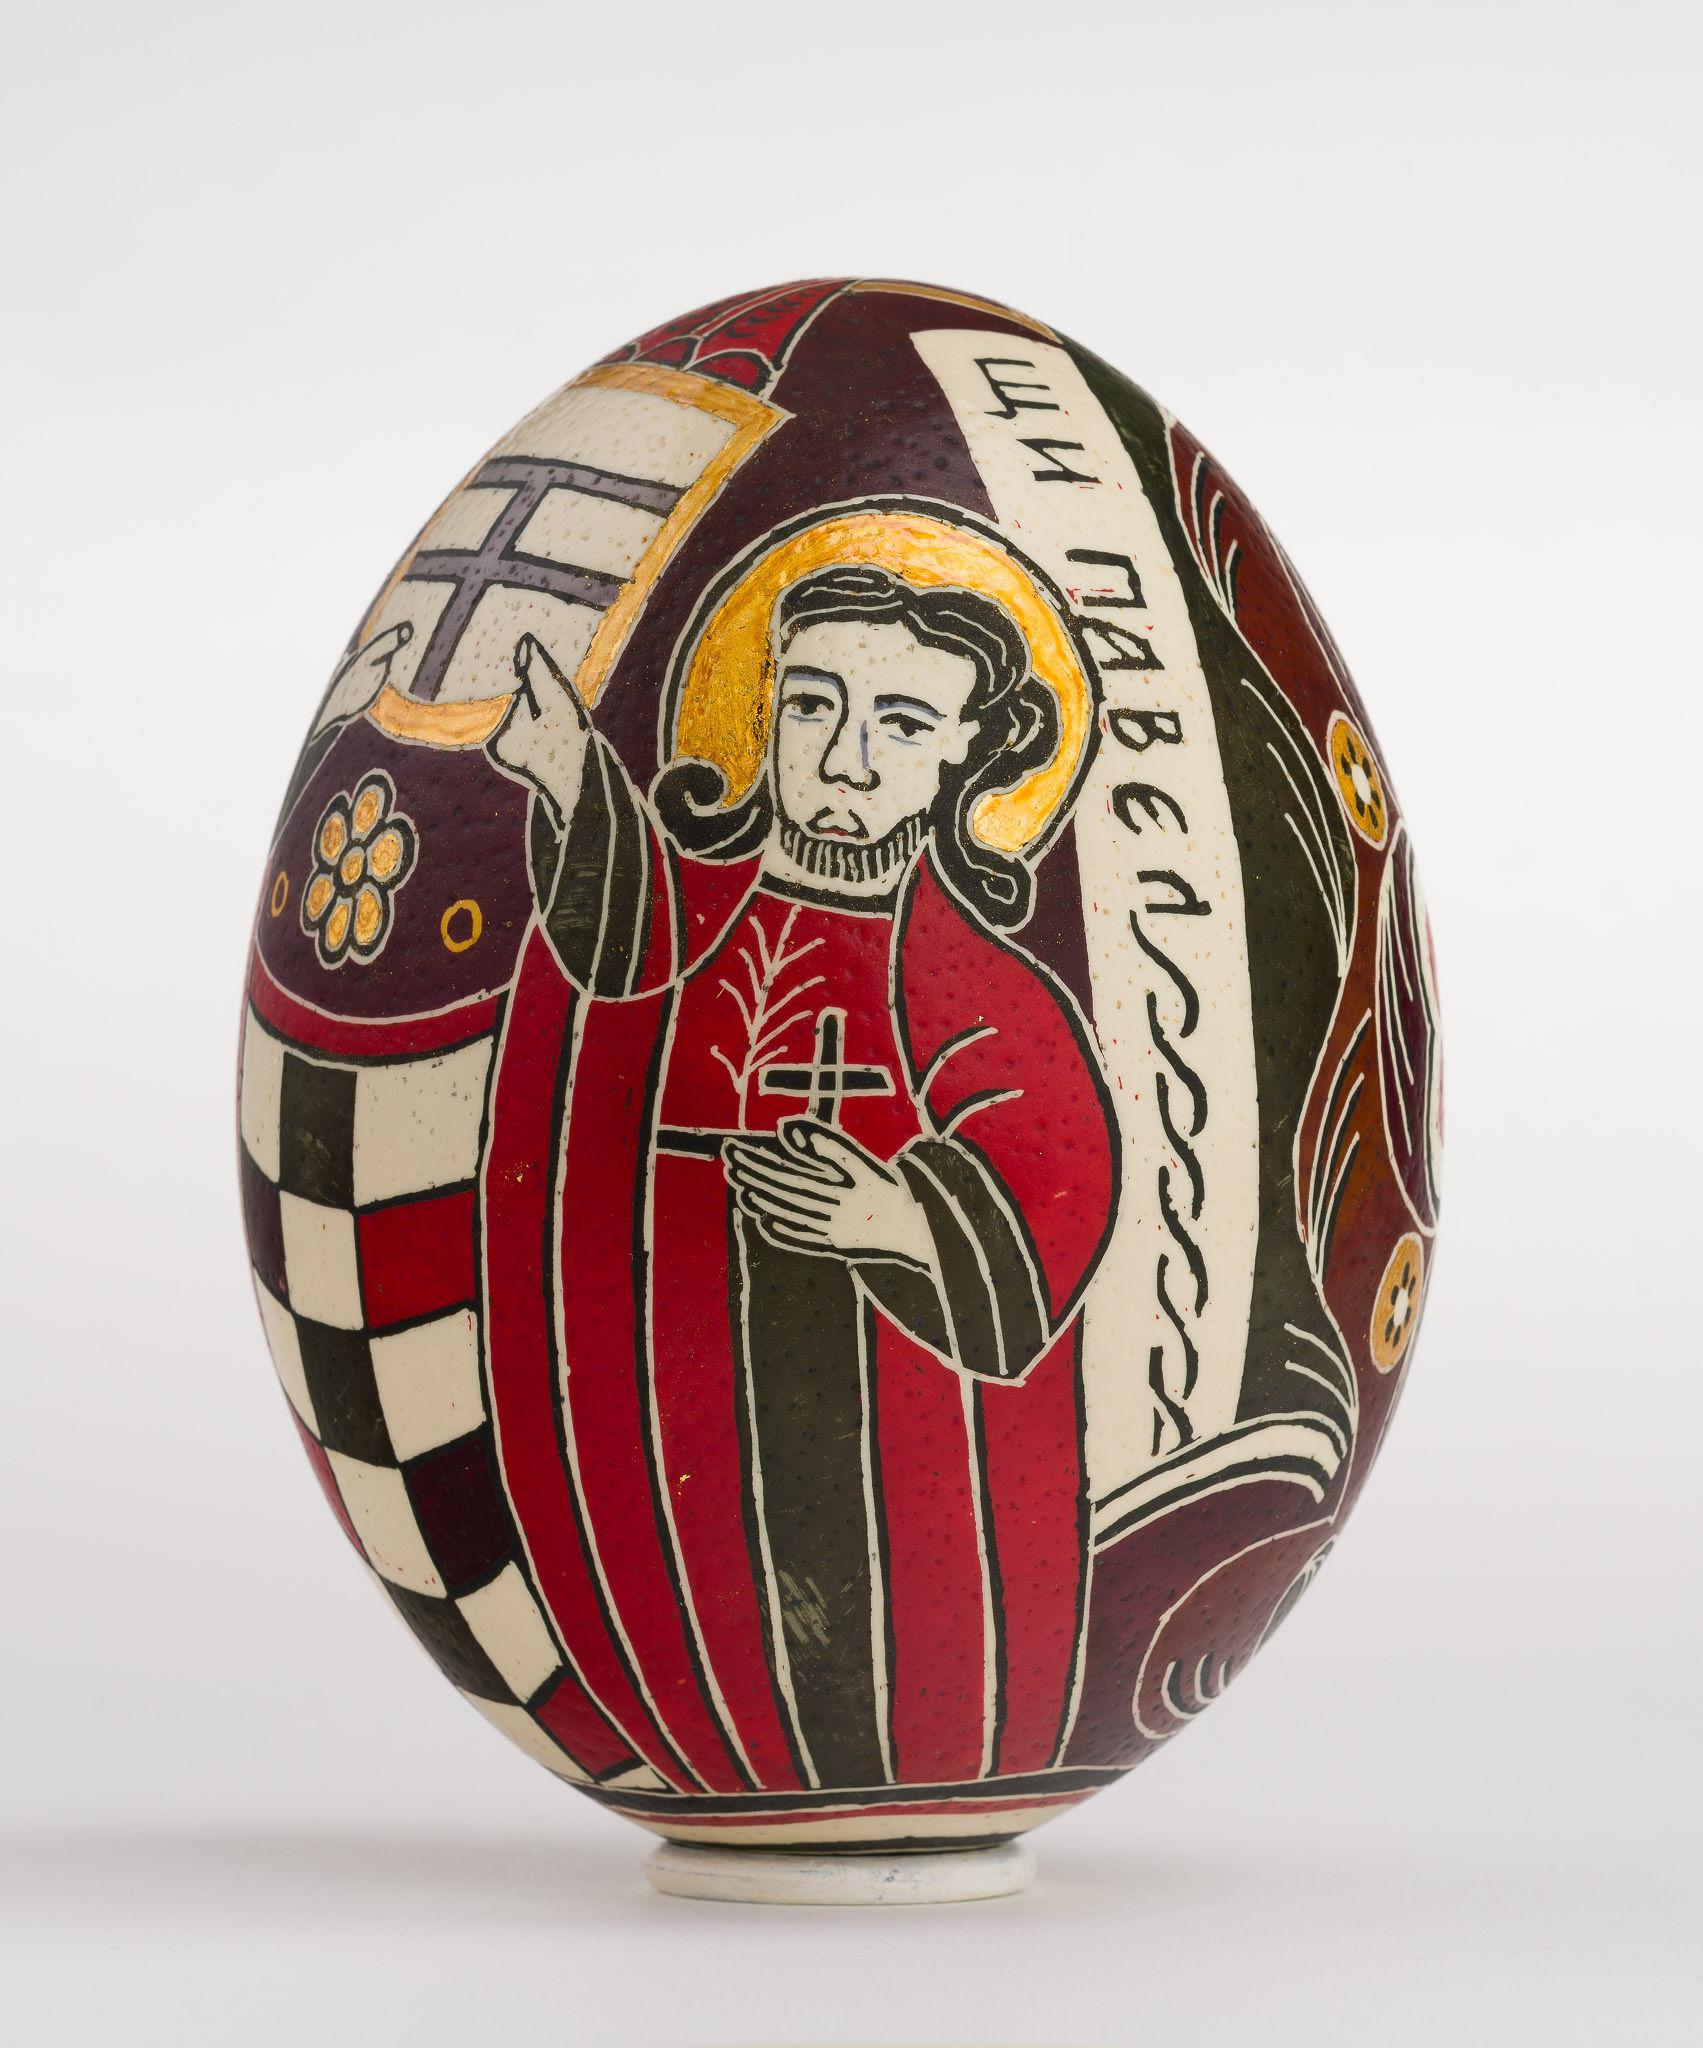 Icoană încondeiată pe ou de struț - Sfinții Apostoli Petru și Pavel - maryando-131a.jpg